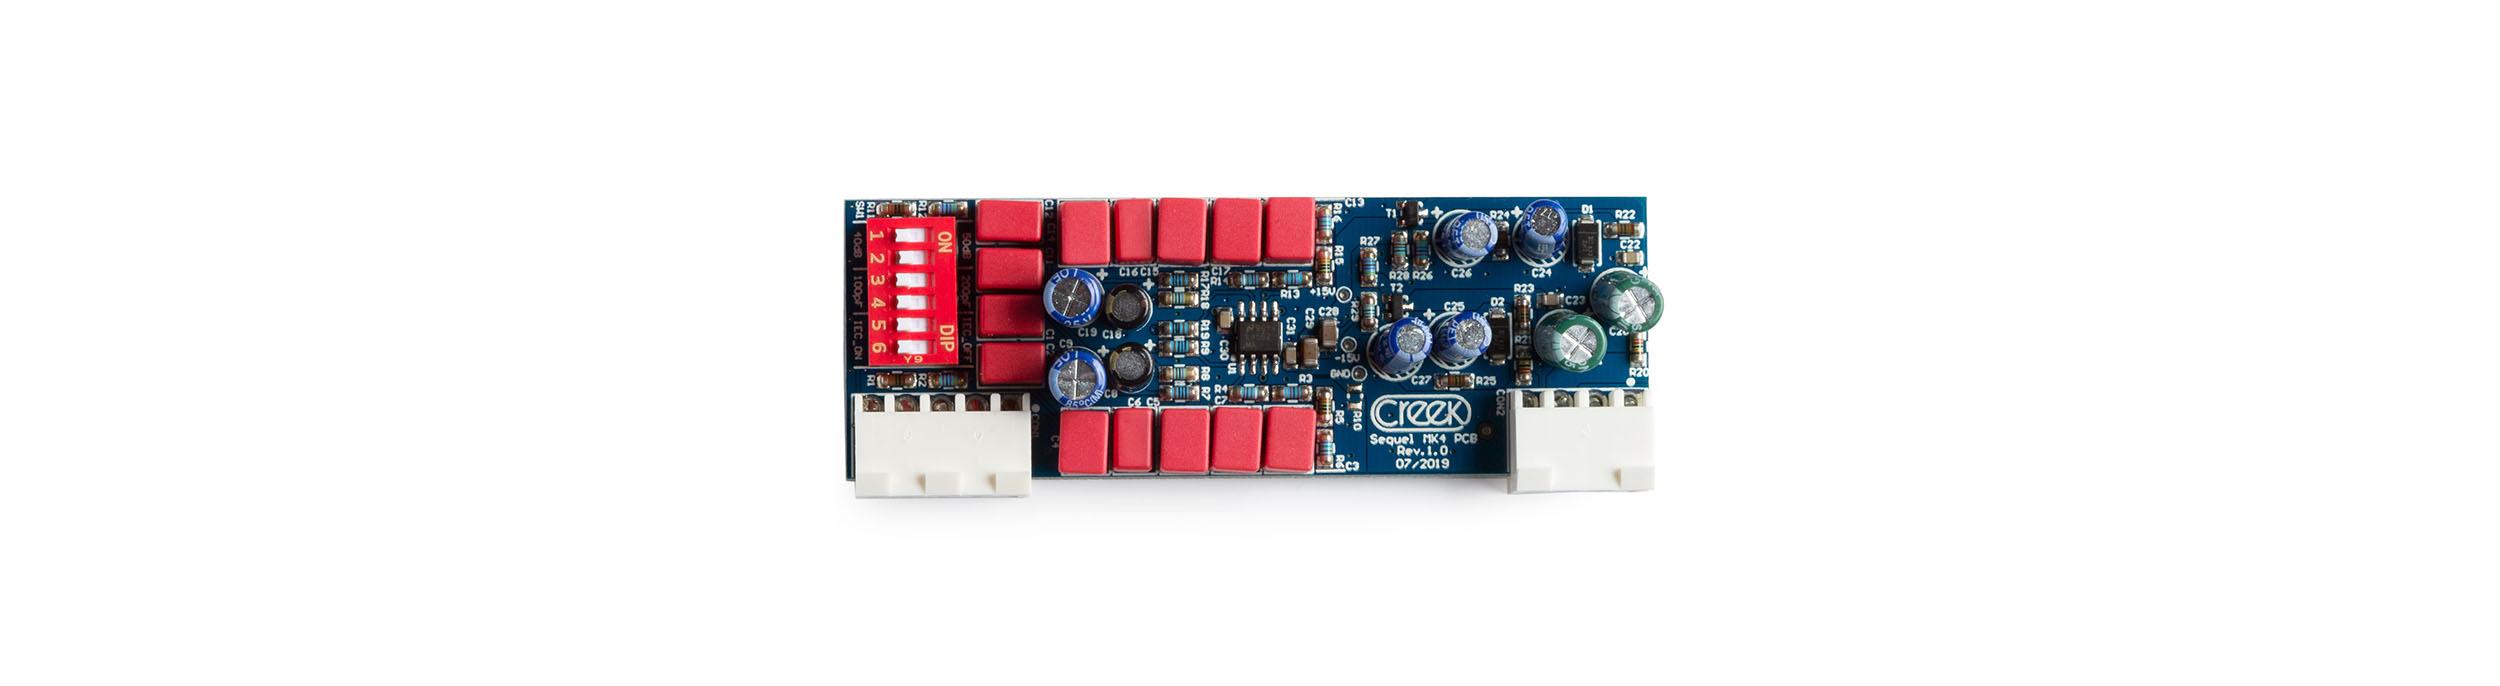 Creek Audio - Sequel mk4 Phono Pre Amplifier